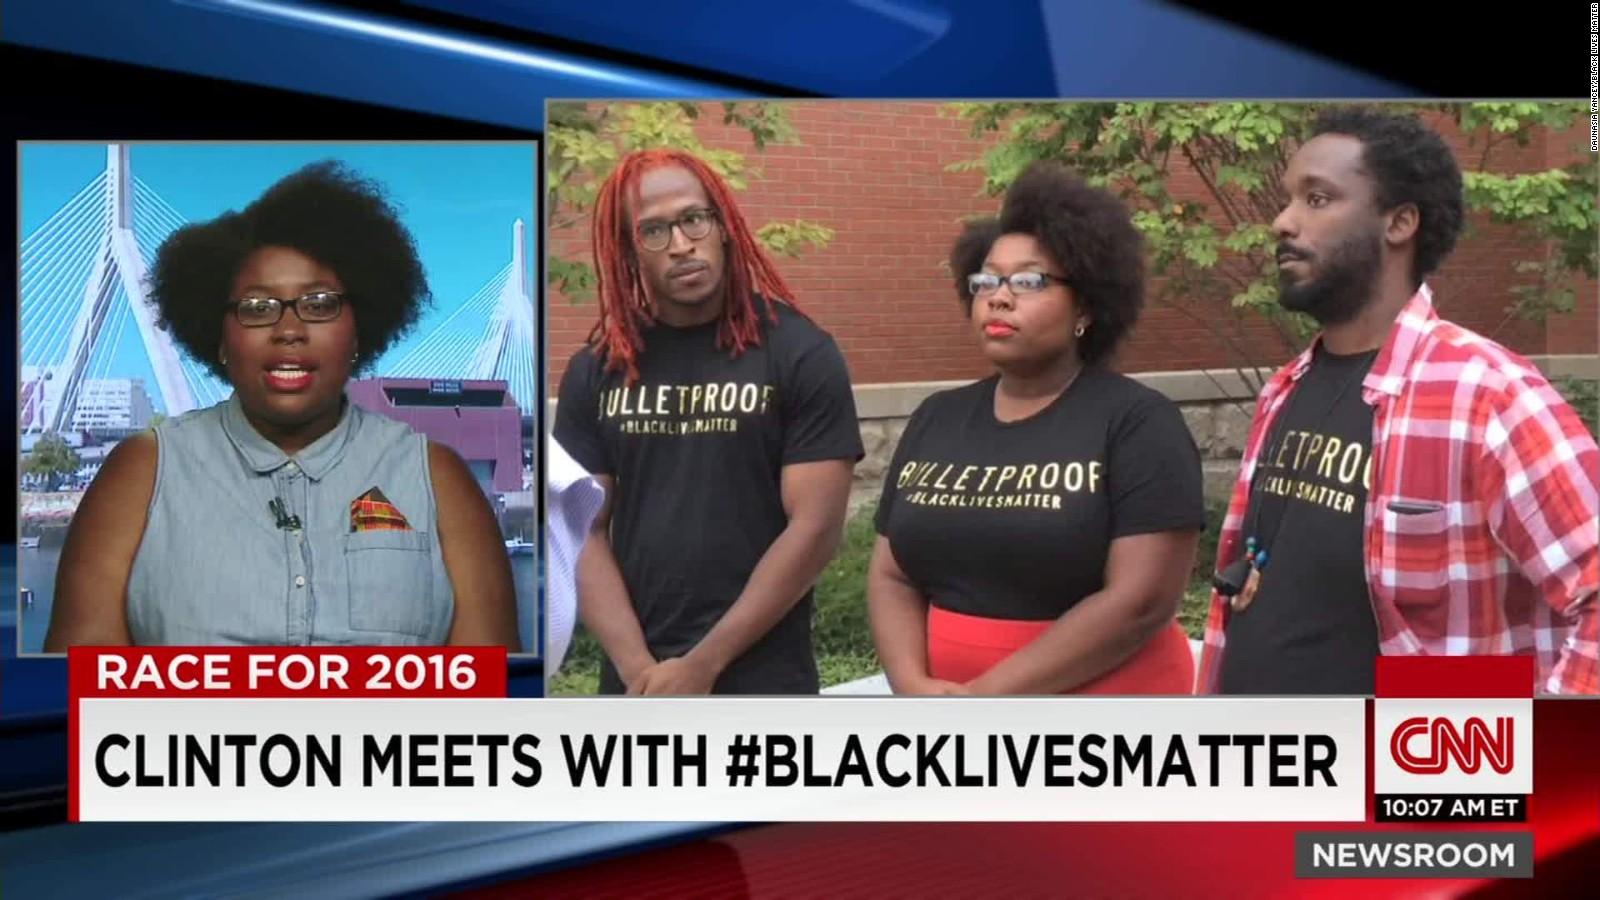 Daunasia Yancey a young, black, female, gay activist on CNN